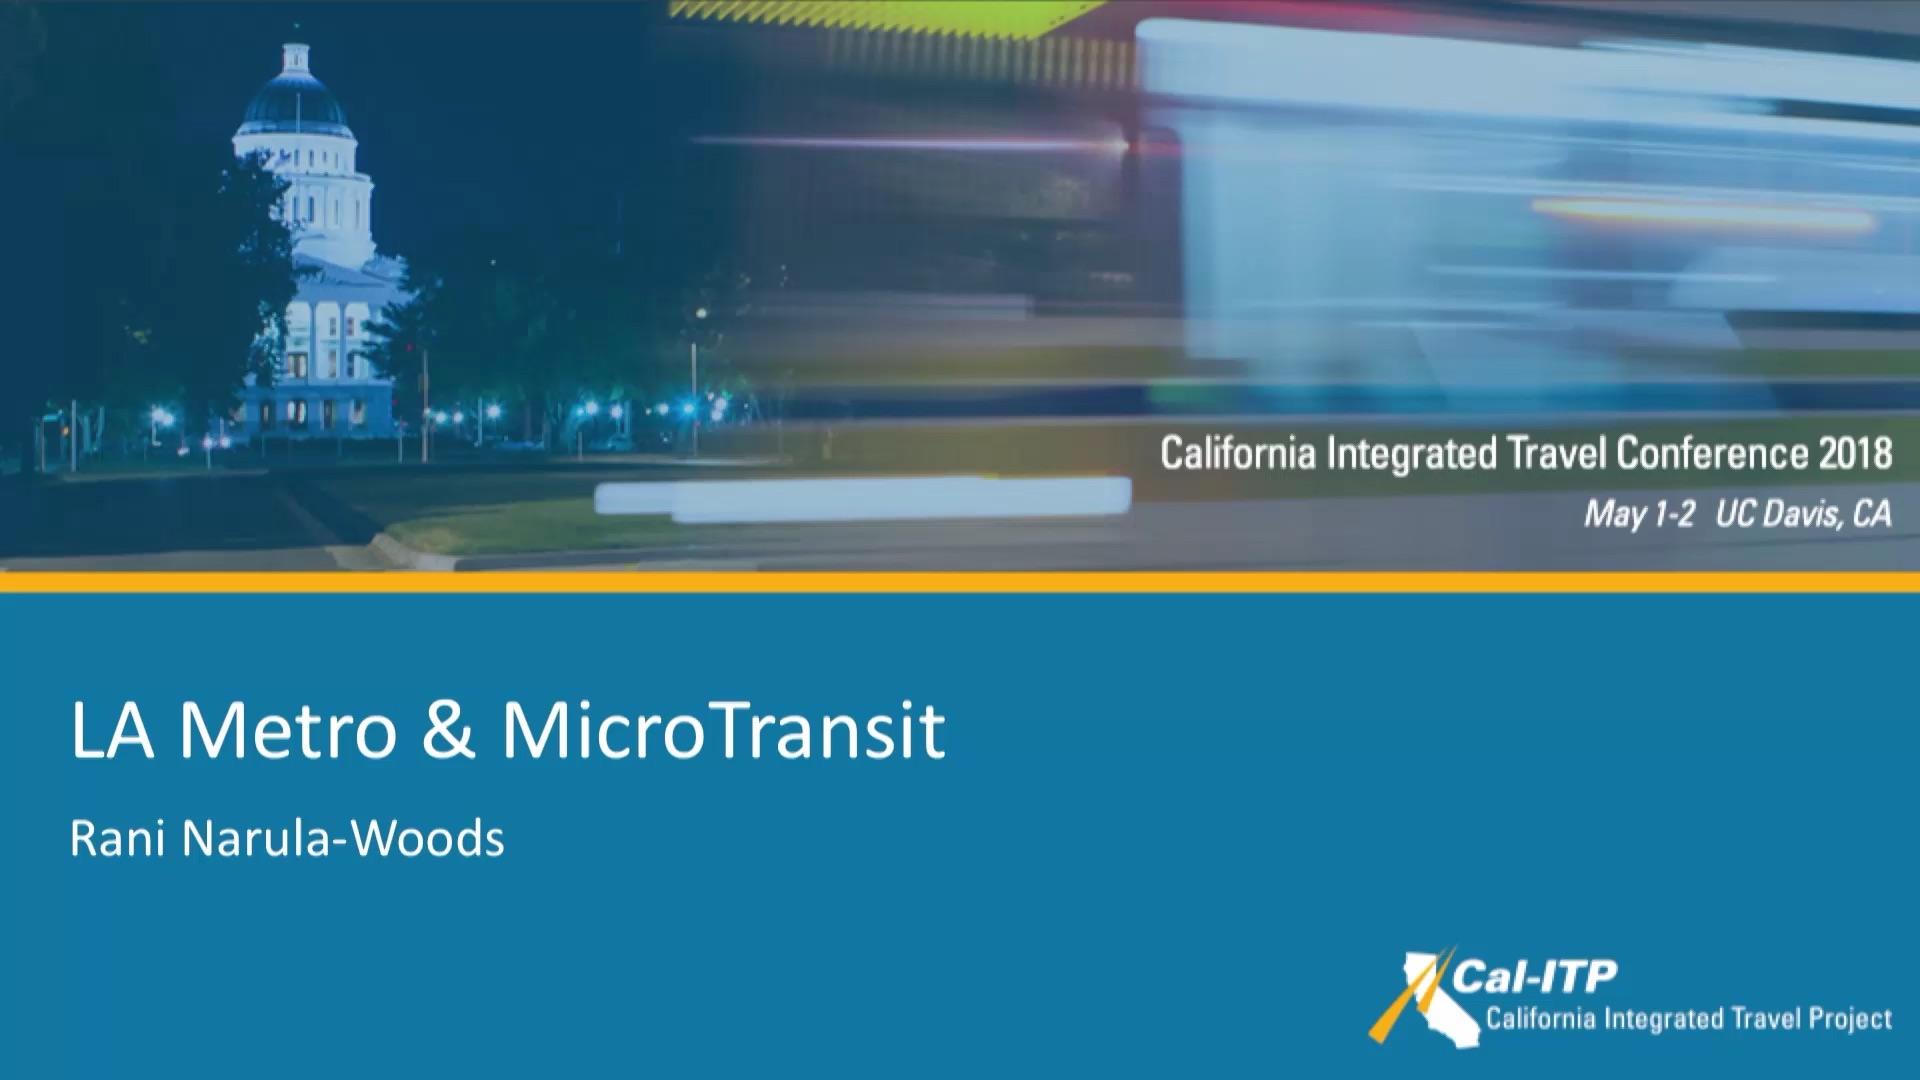 14. LA Metro & Microtransit